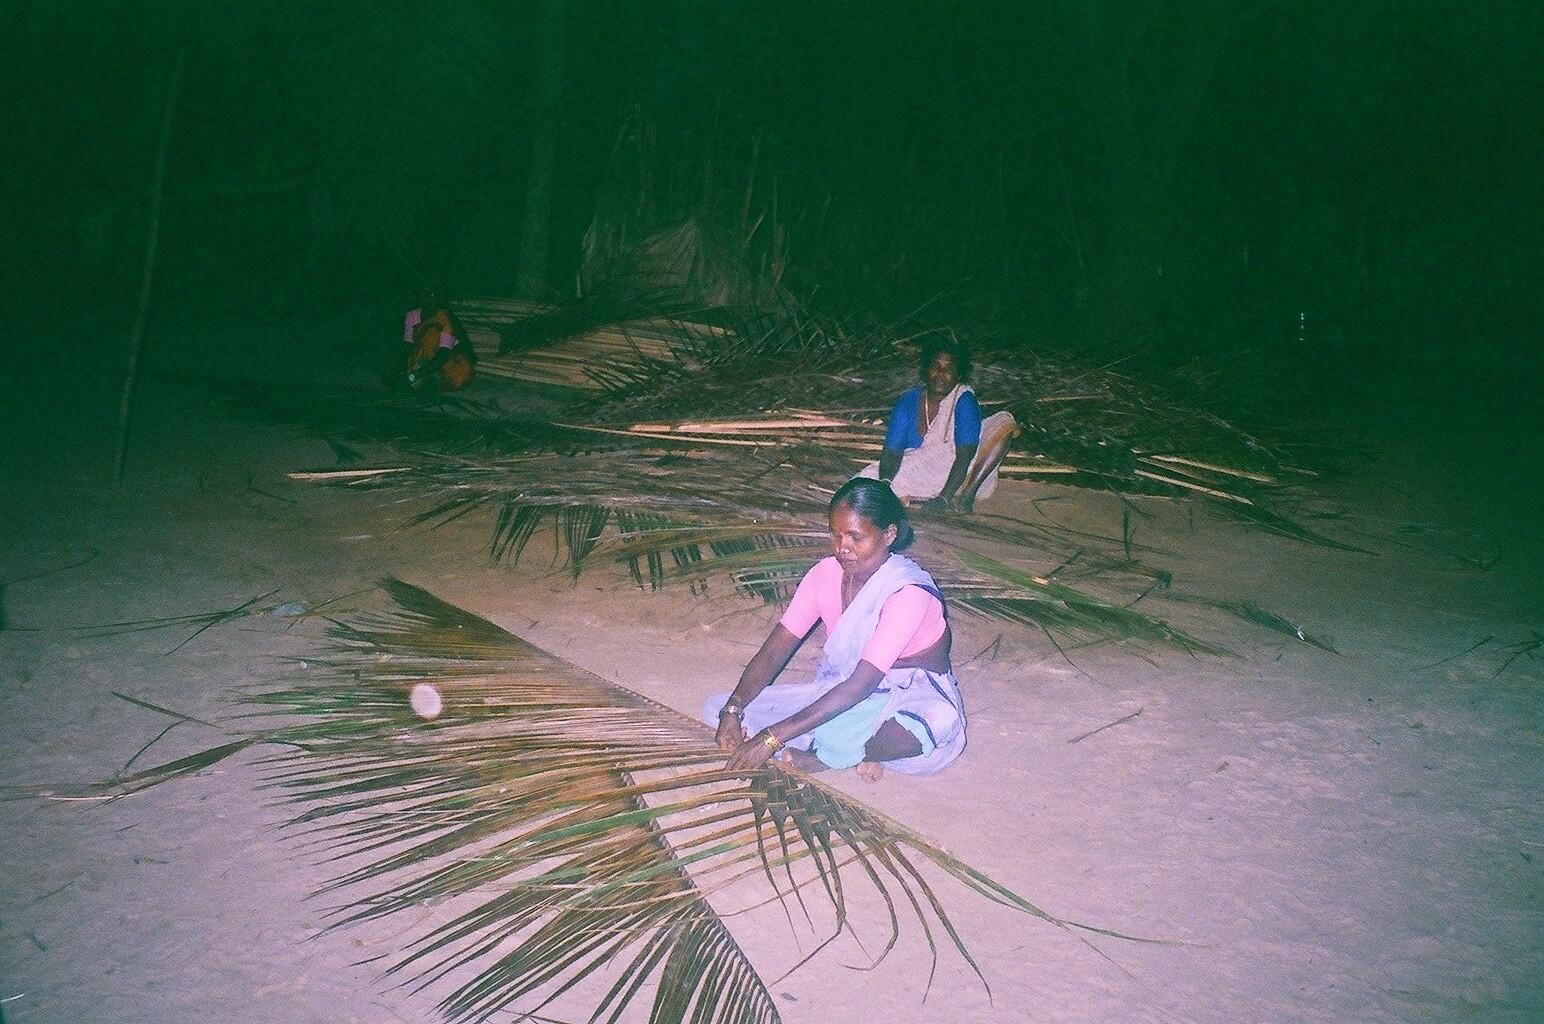 Décembre 2005 - Les groupes de femmes de Kottai kaidu tressent les feuilles pour avoir un revenu